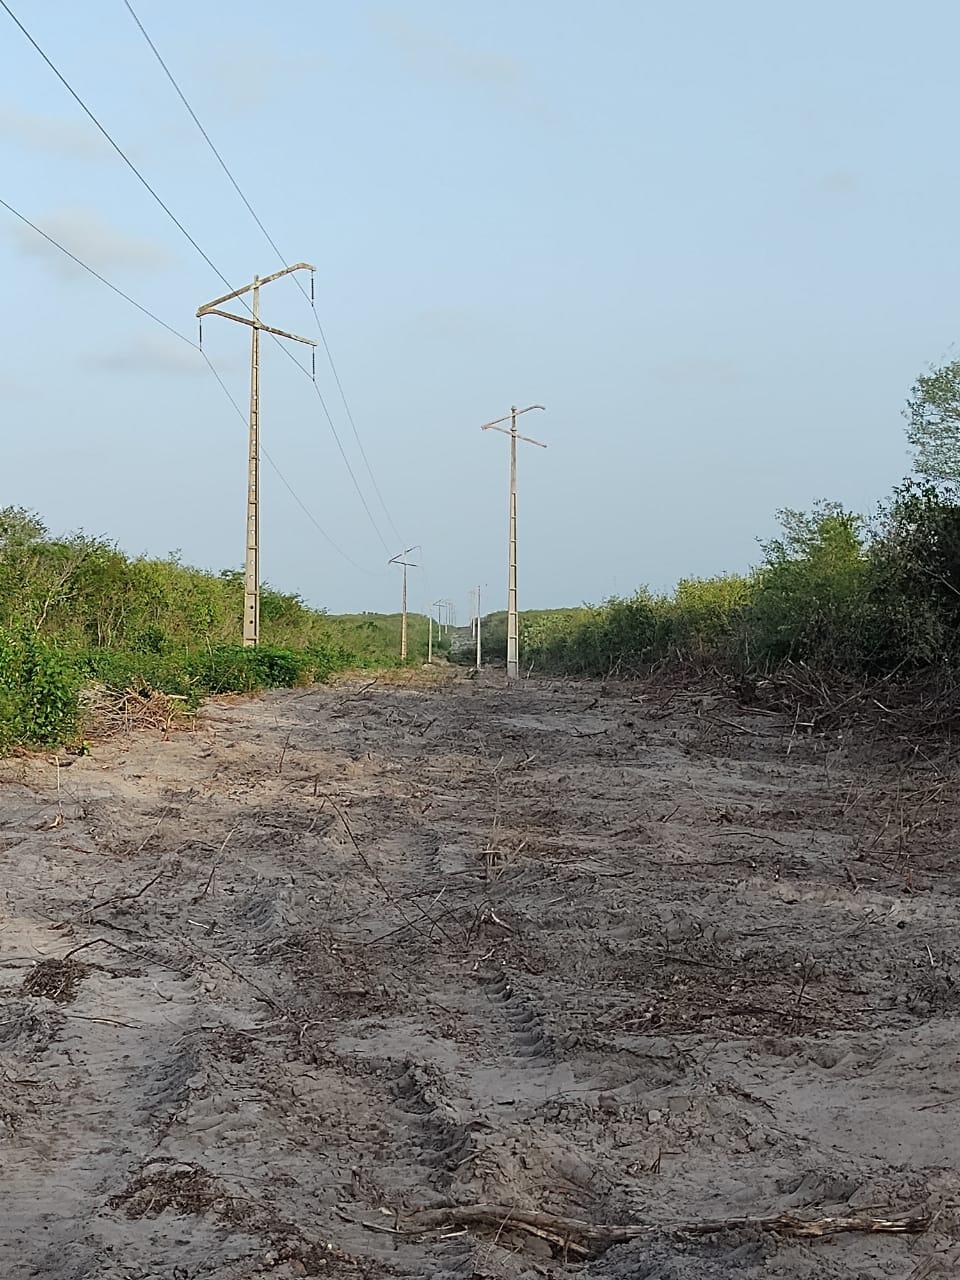 Equatorial vem realizando série de investimentos no Piauí - Foto: Divulgação